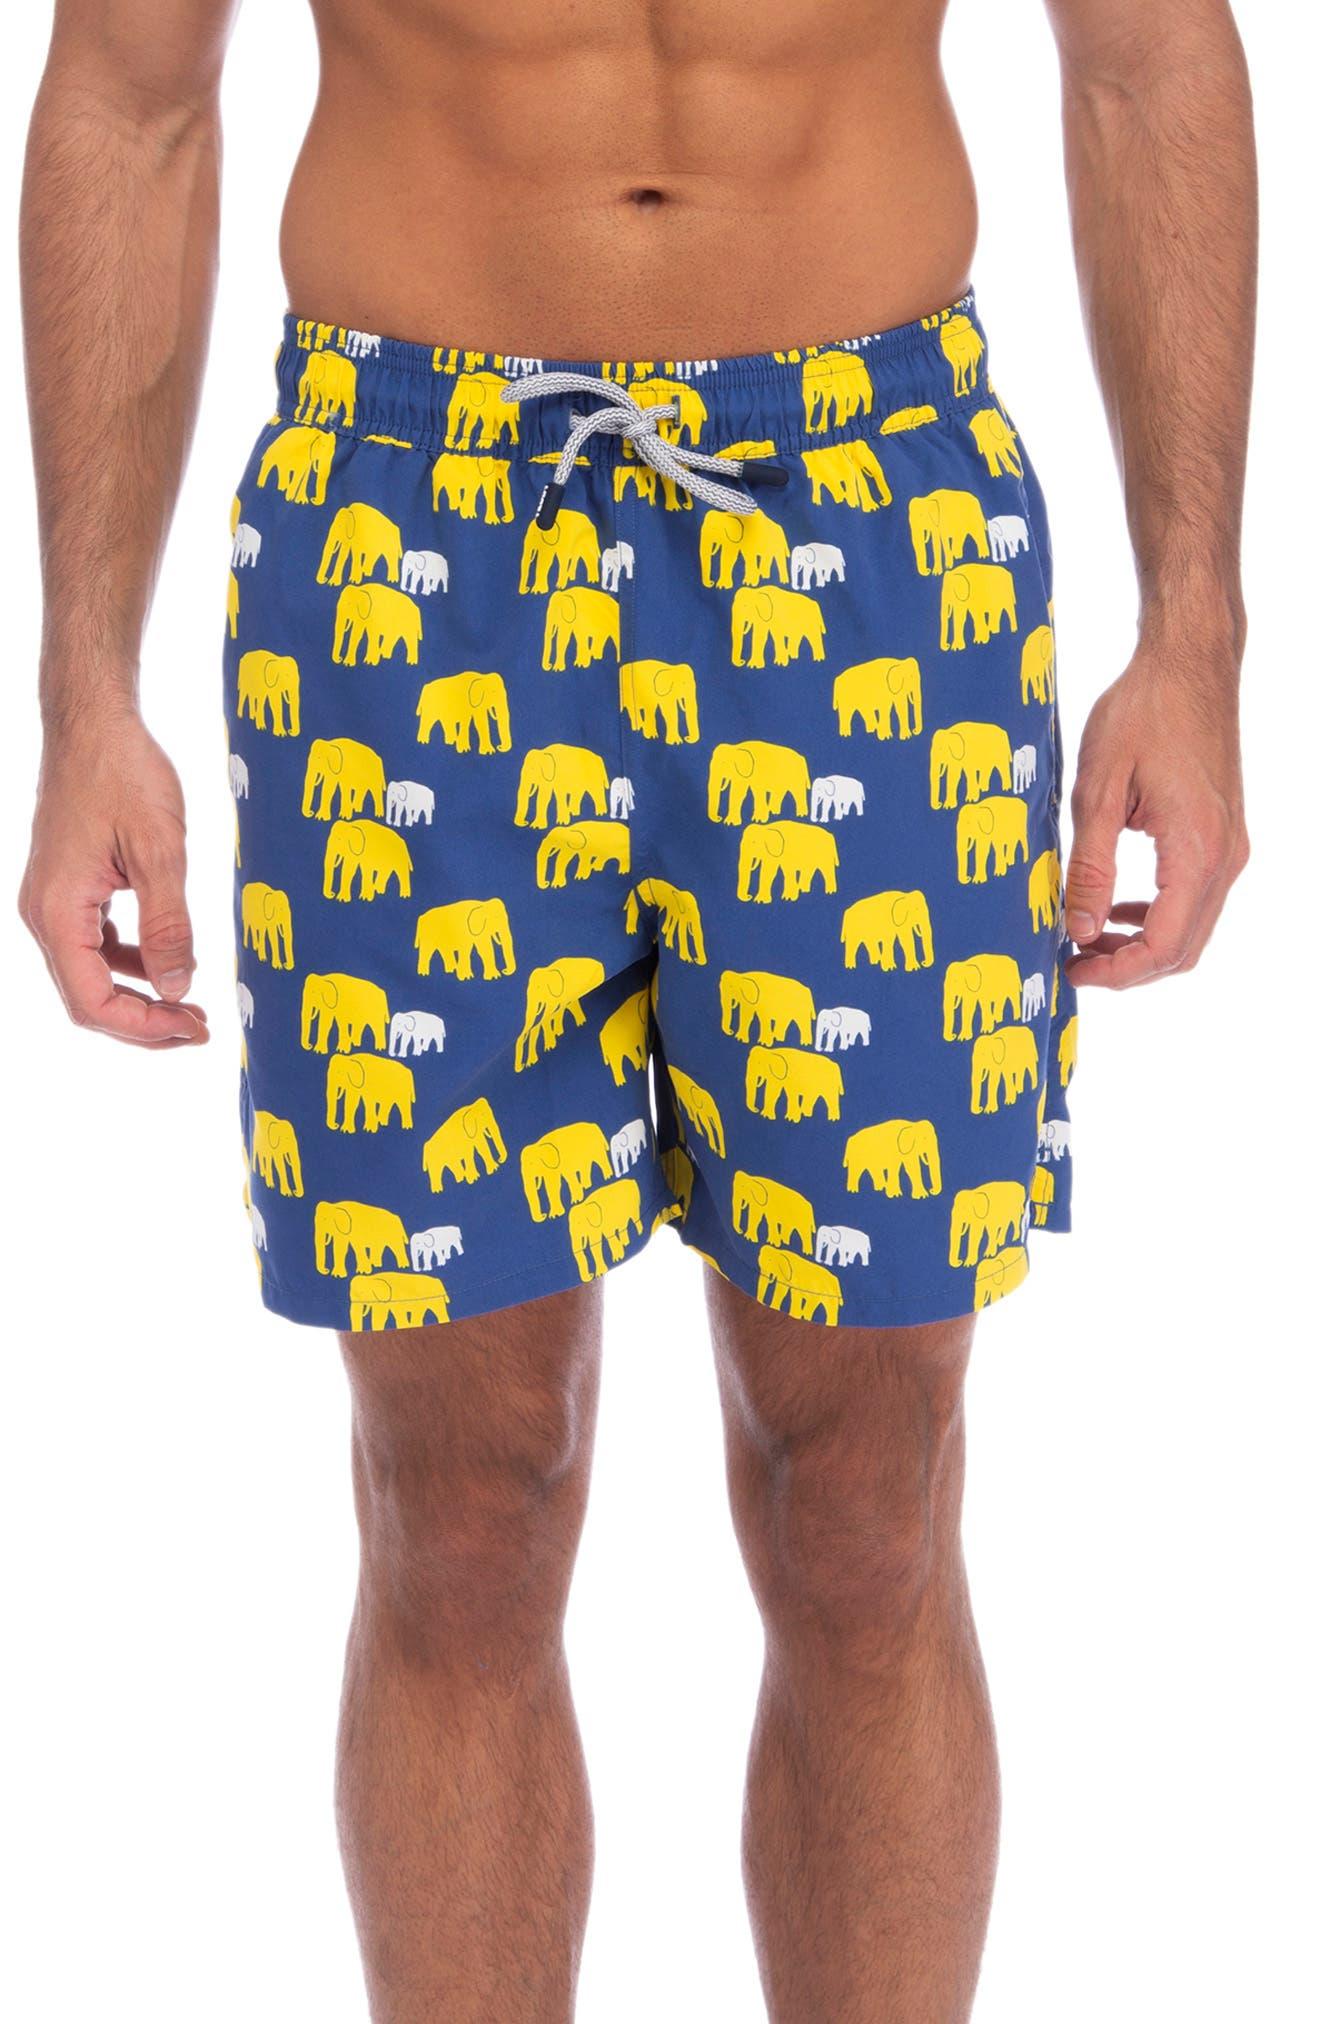 Tom & Teddy Elephant Print Swim Trunks, Blue